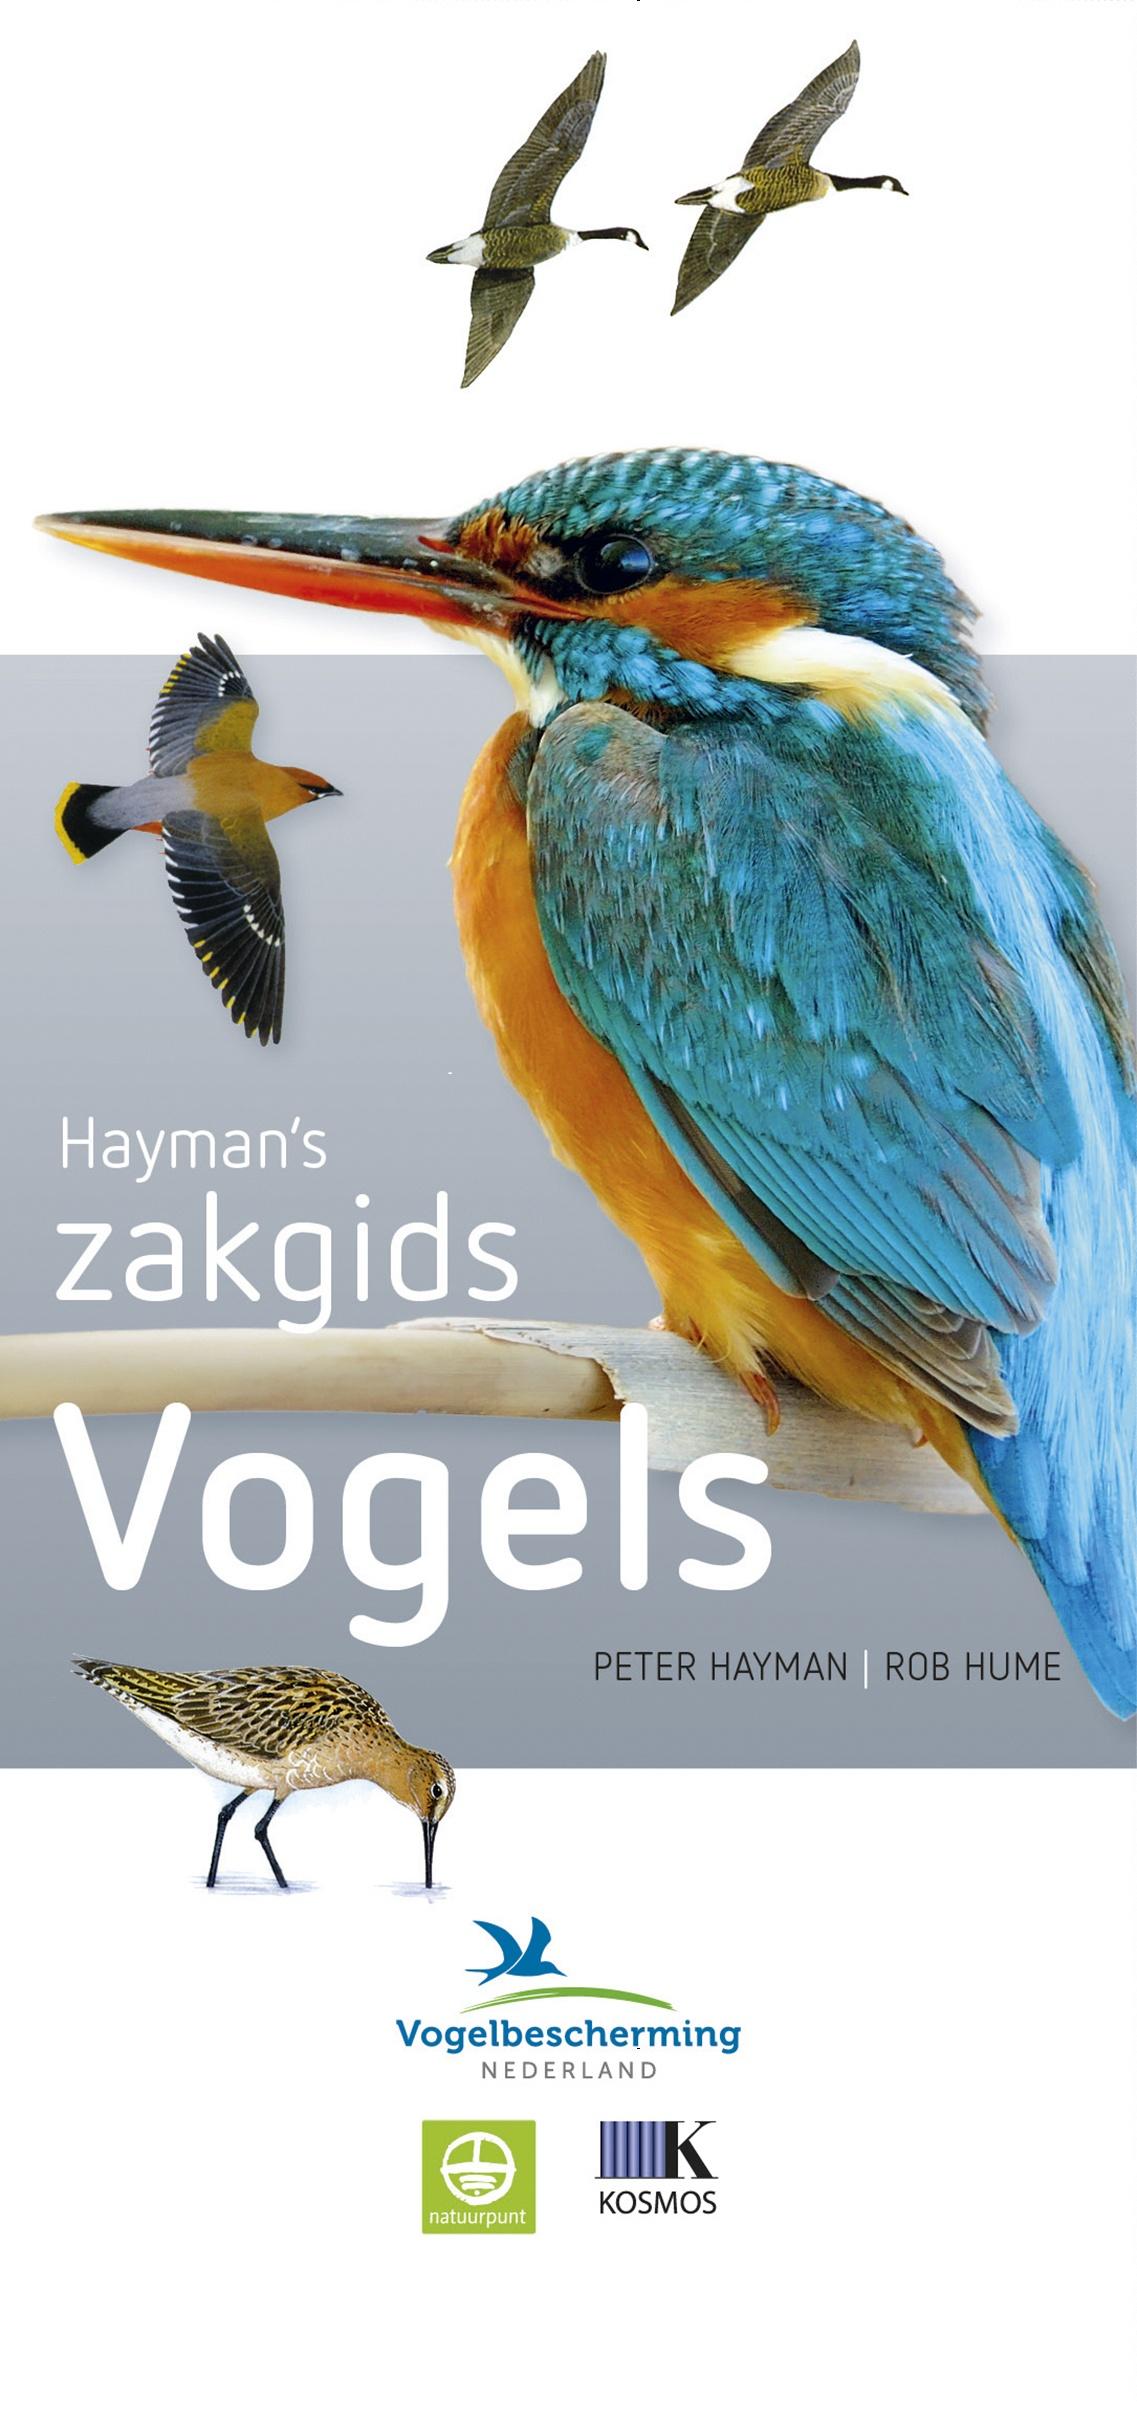 Haymans Zakgids Vogels van Europa 9789021564913 Peter Hayman, Rob Hume Kosmos Zakgidsen natuur  Natuurgidsen, Vogelboeken Europa